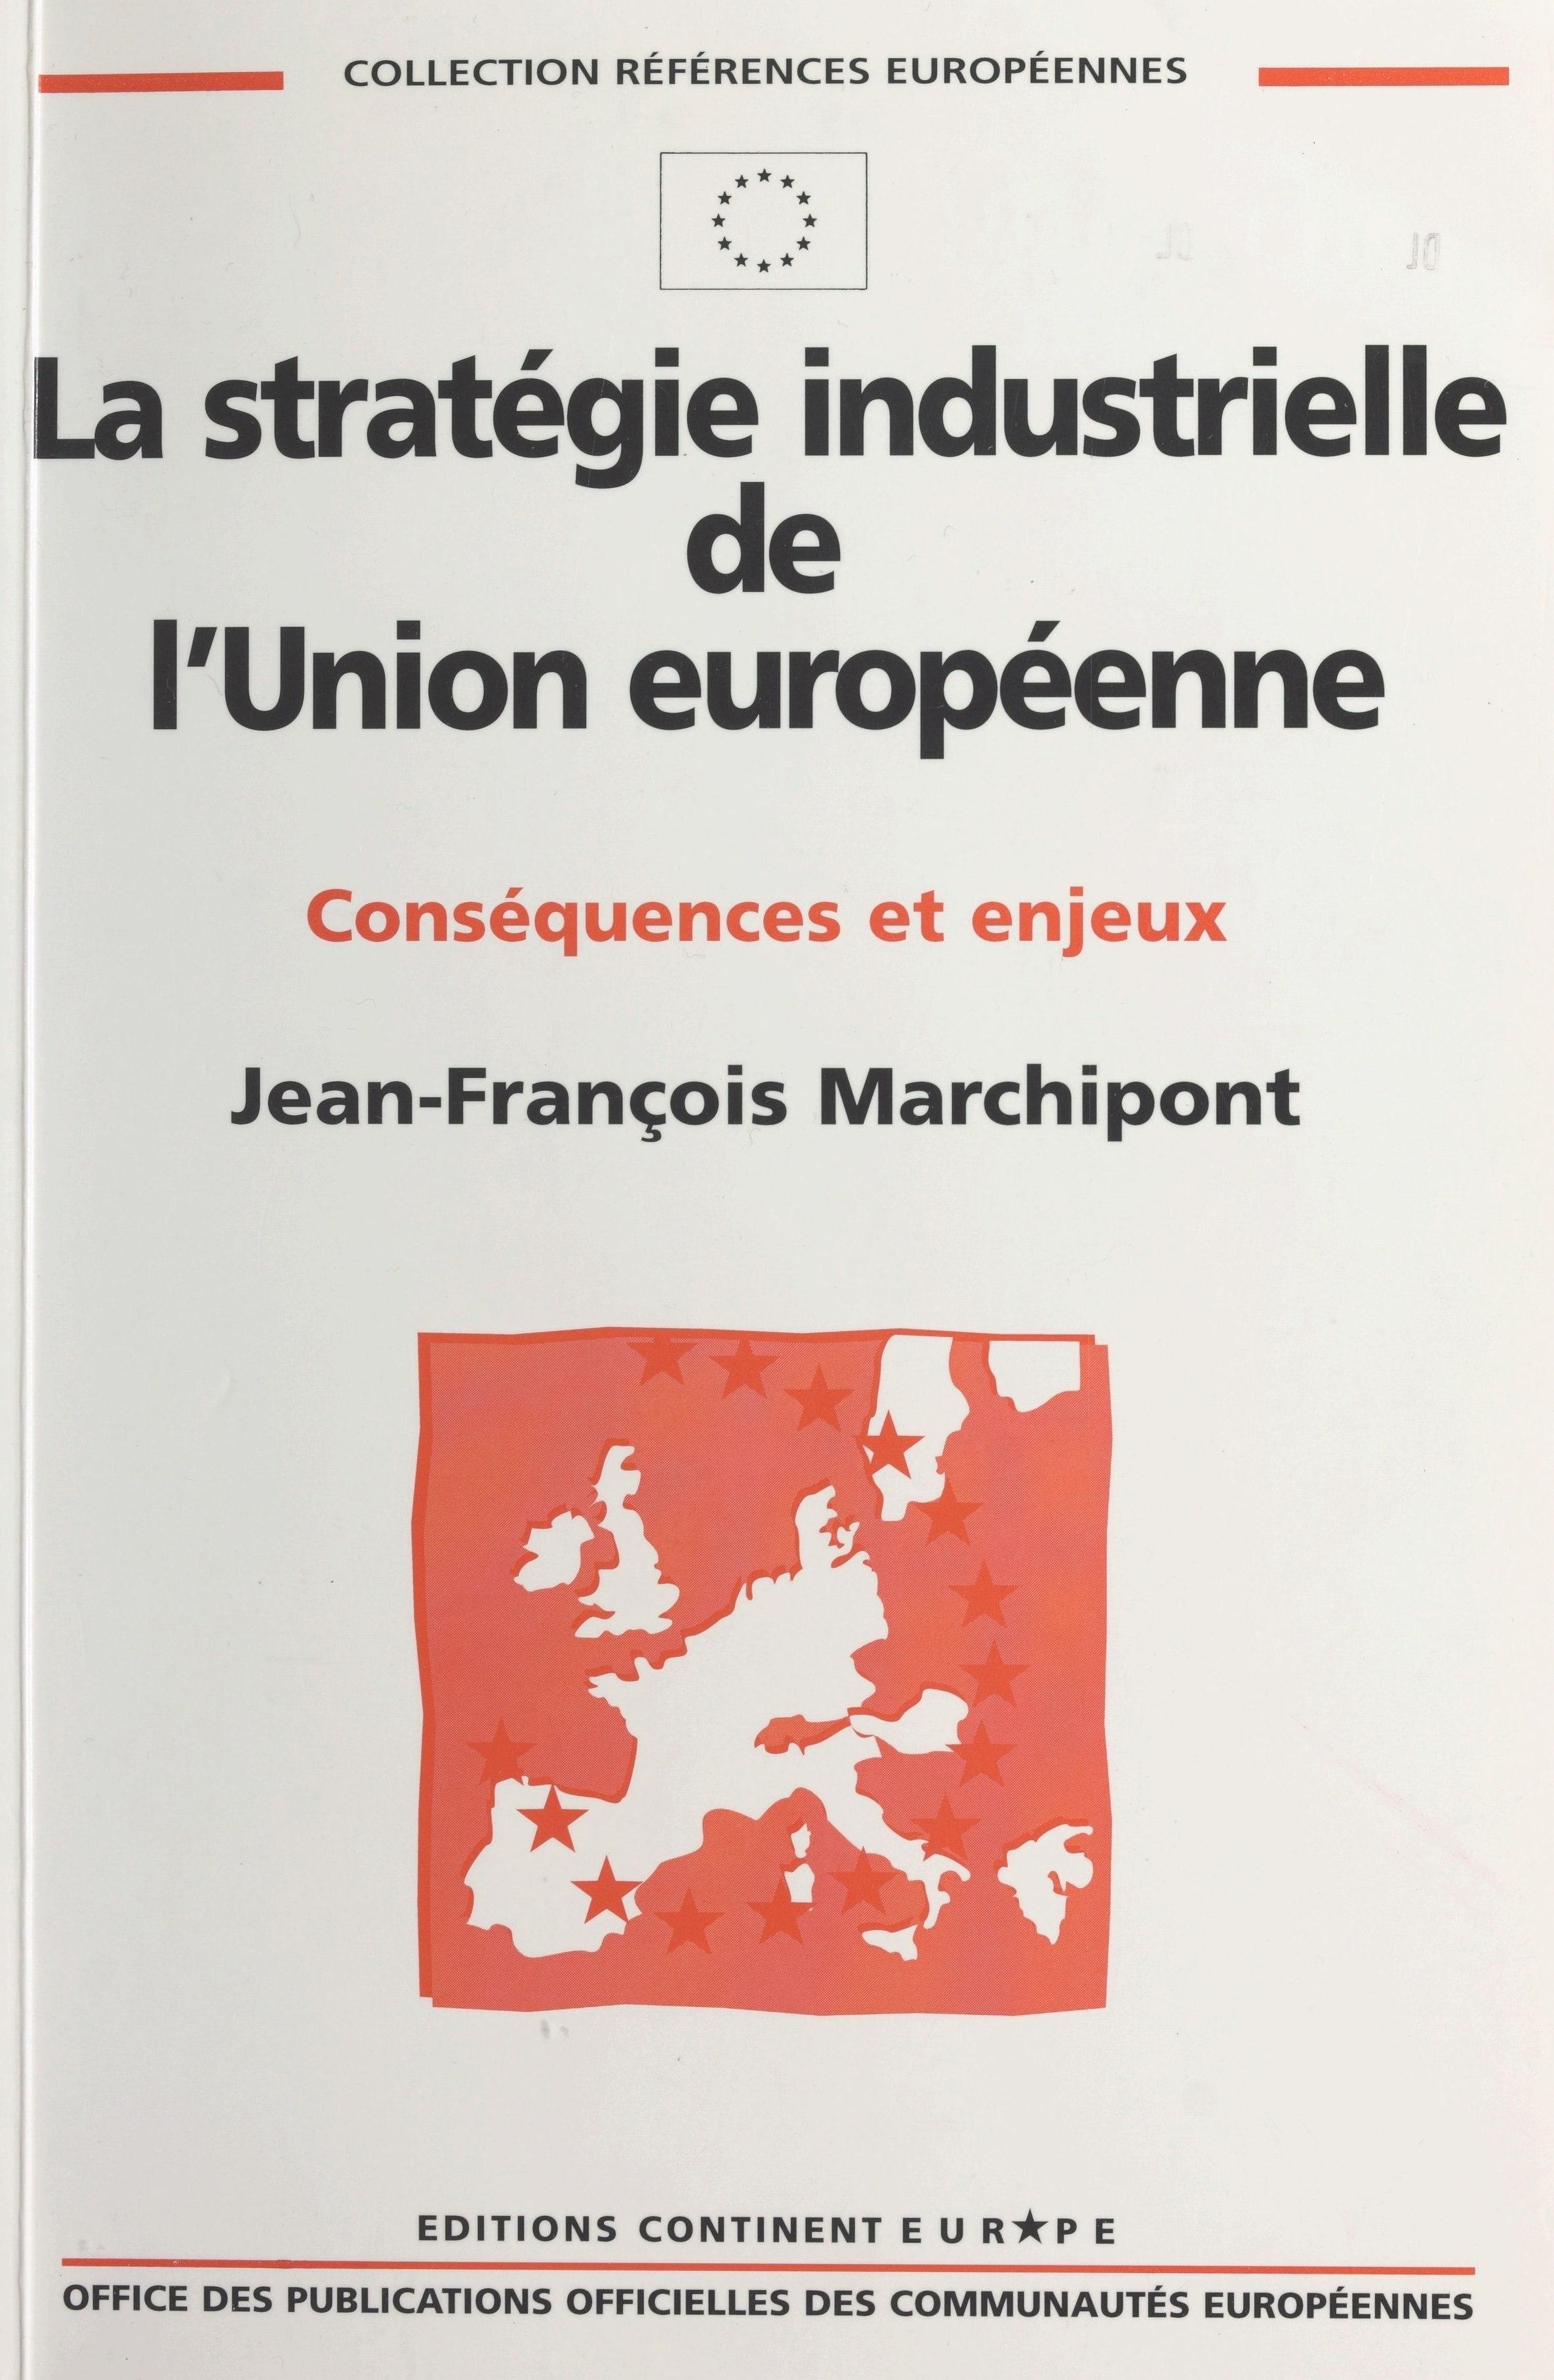 La stratégie industrielle de l'Union européenne : conséquences et enjeux